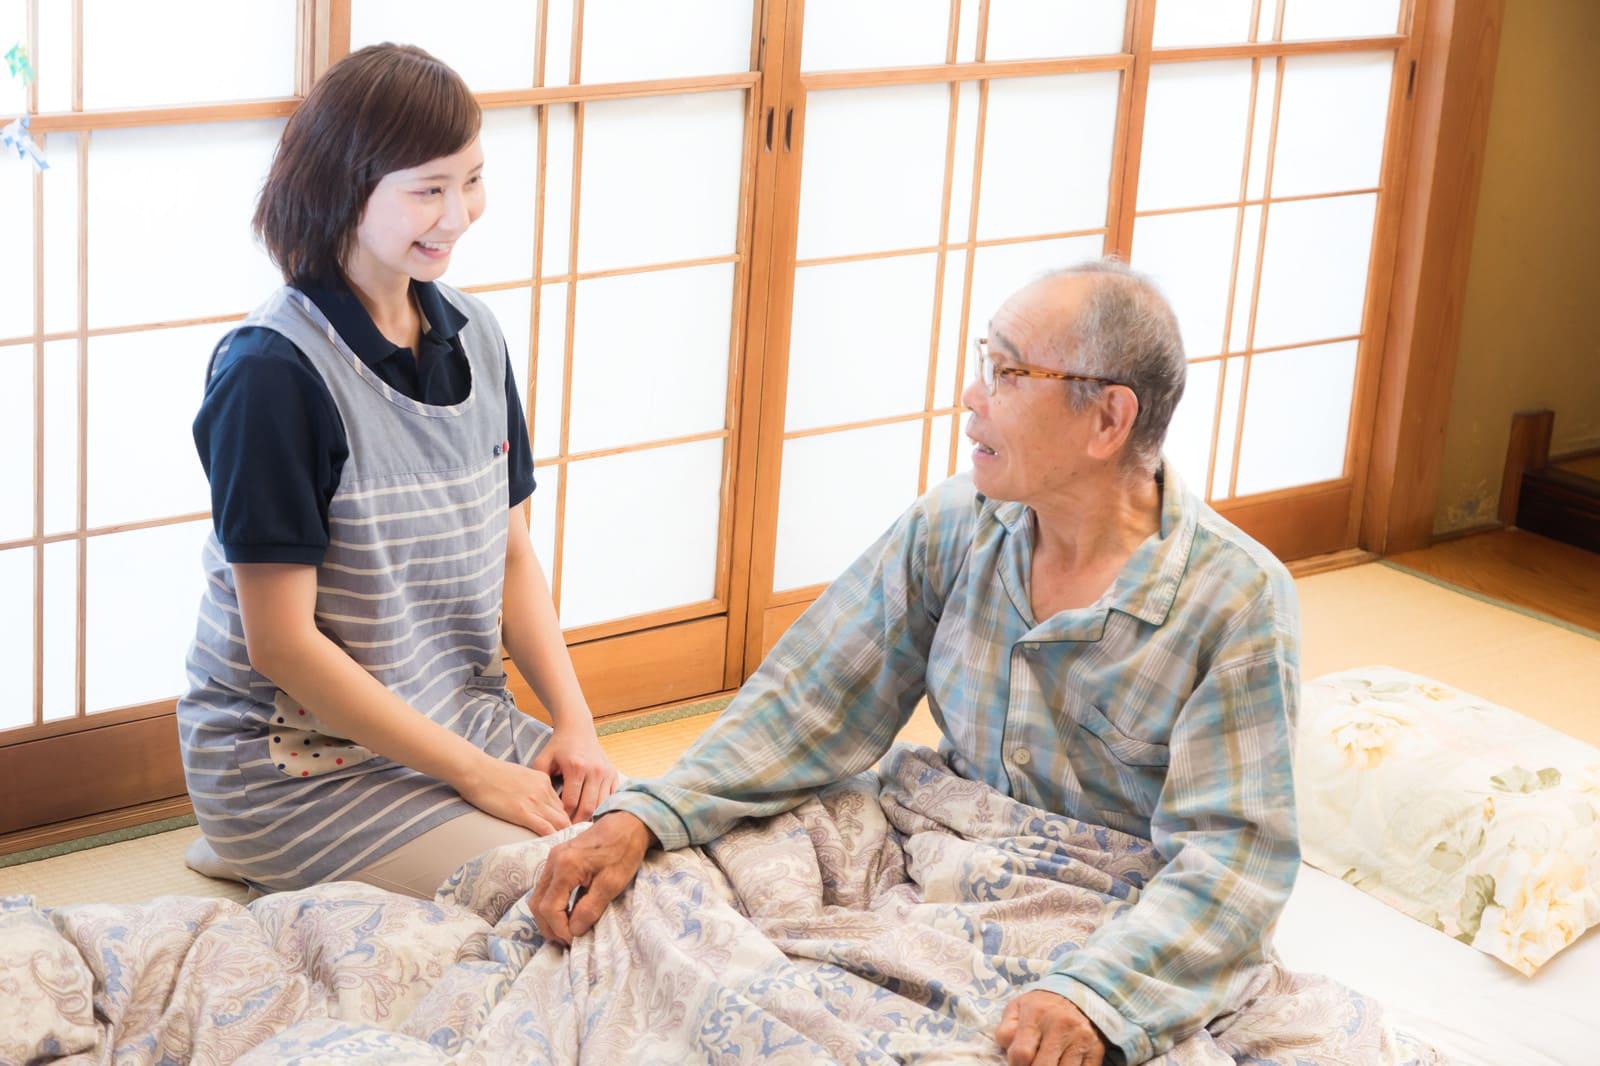 座っている老人と話す女性